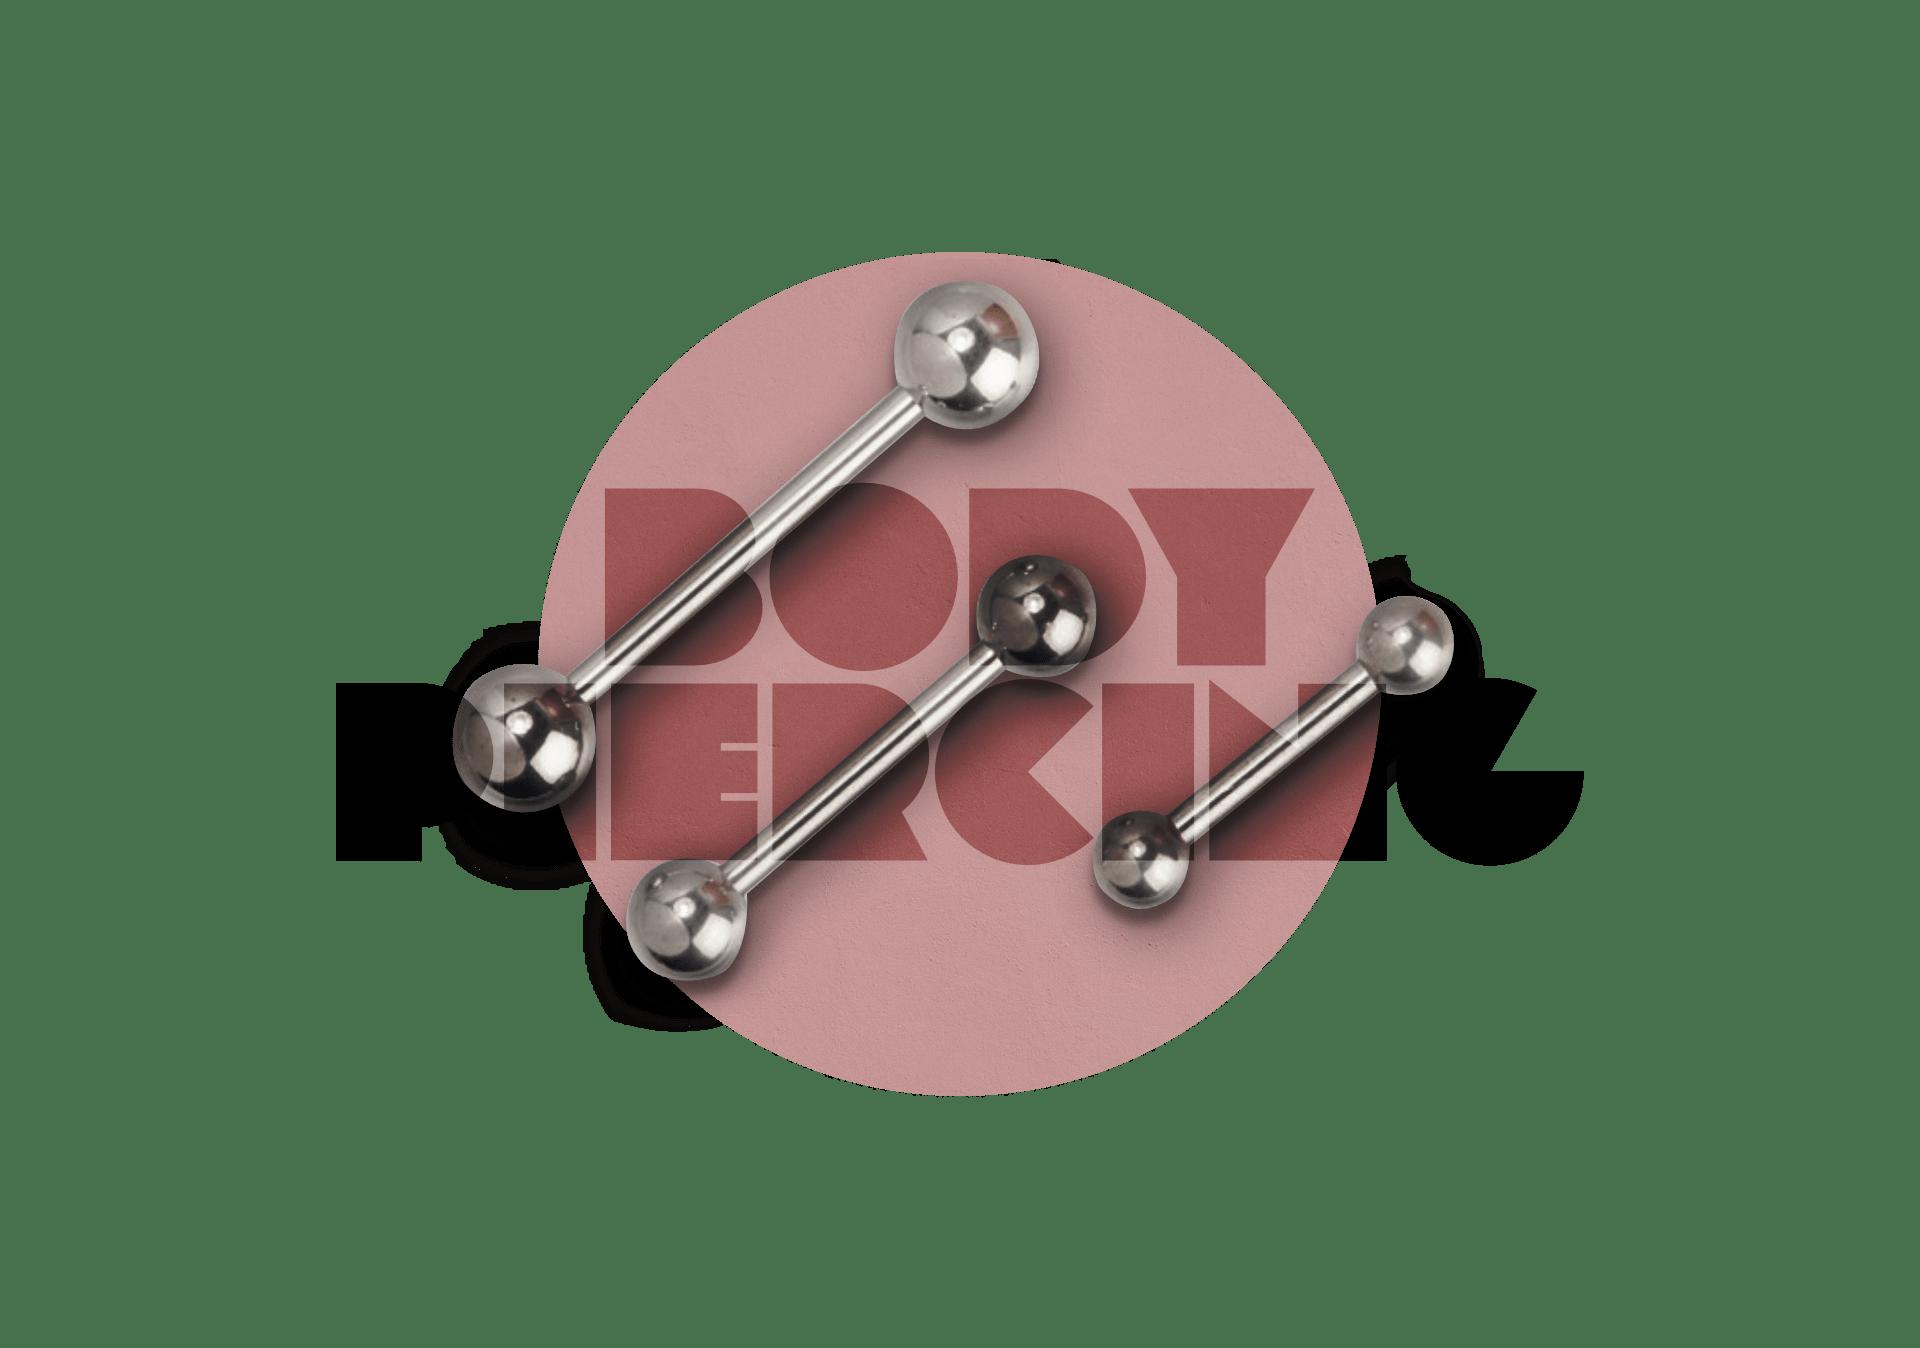 piercing-service-min